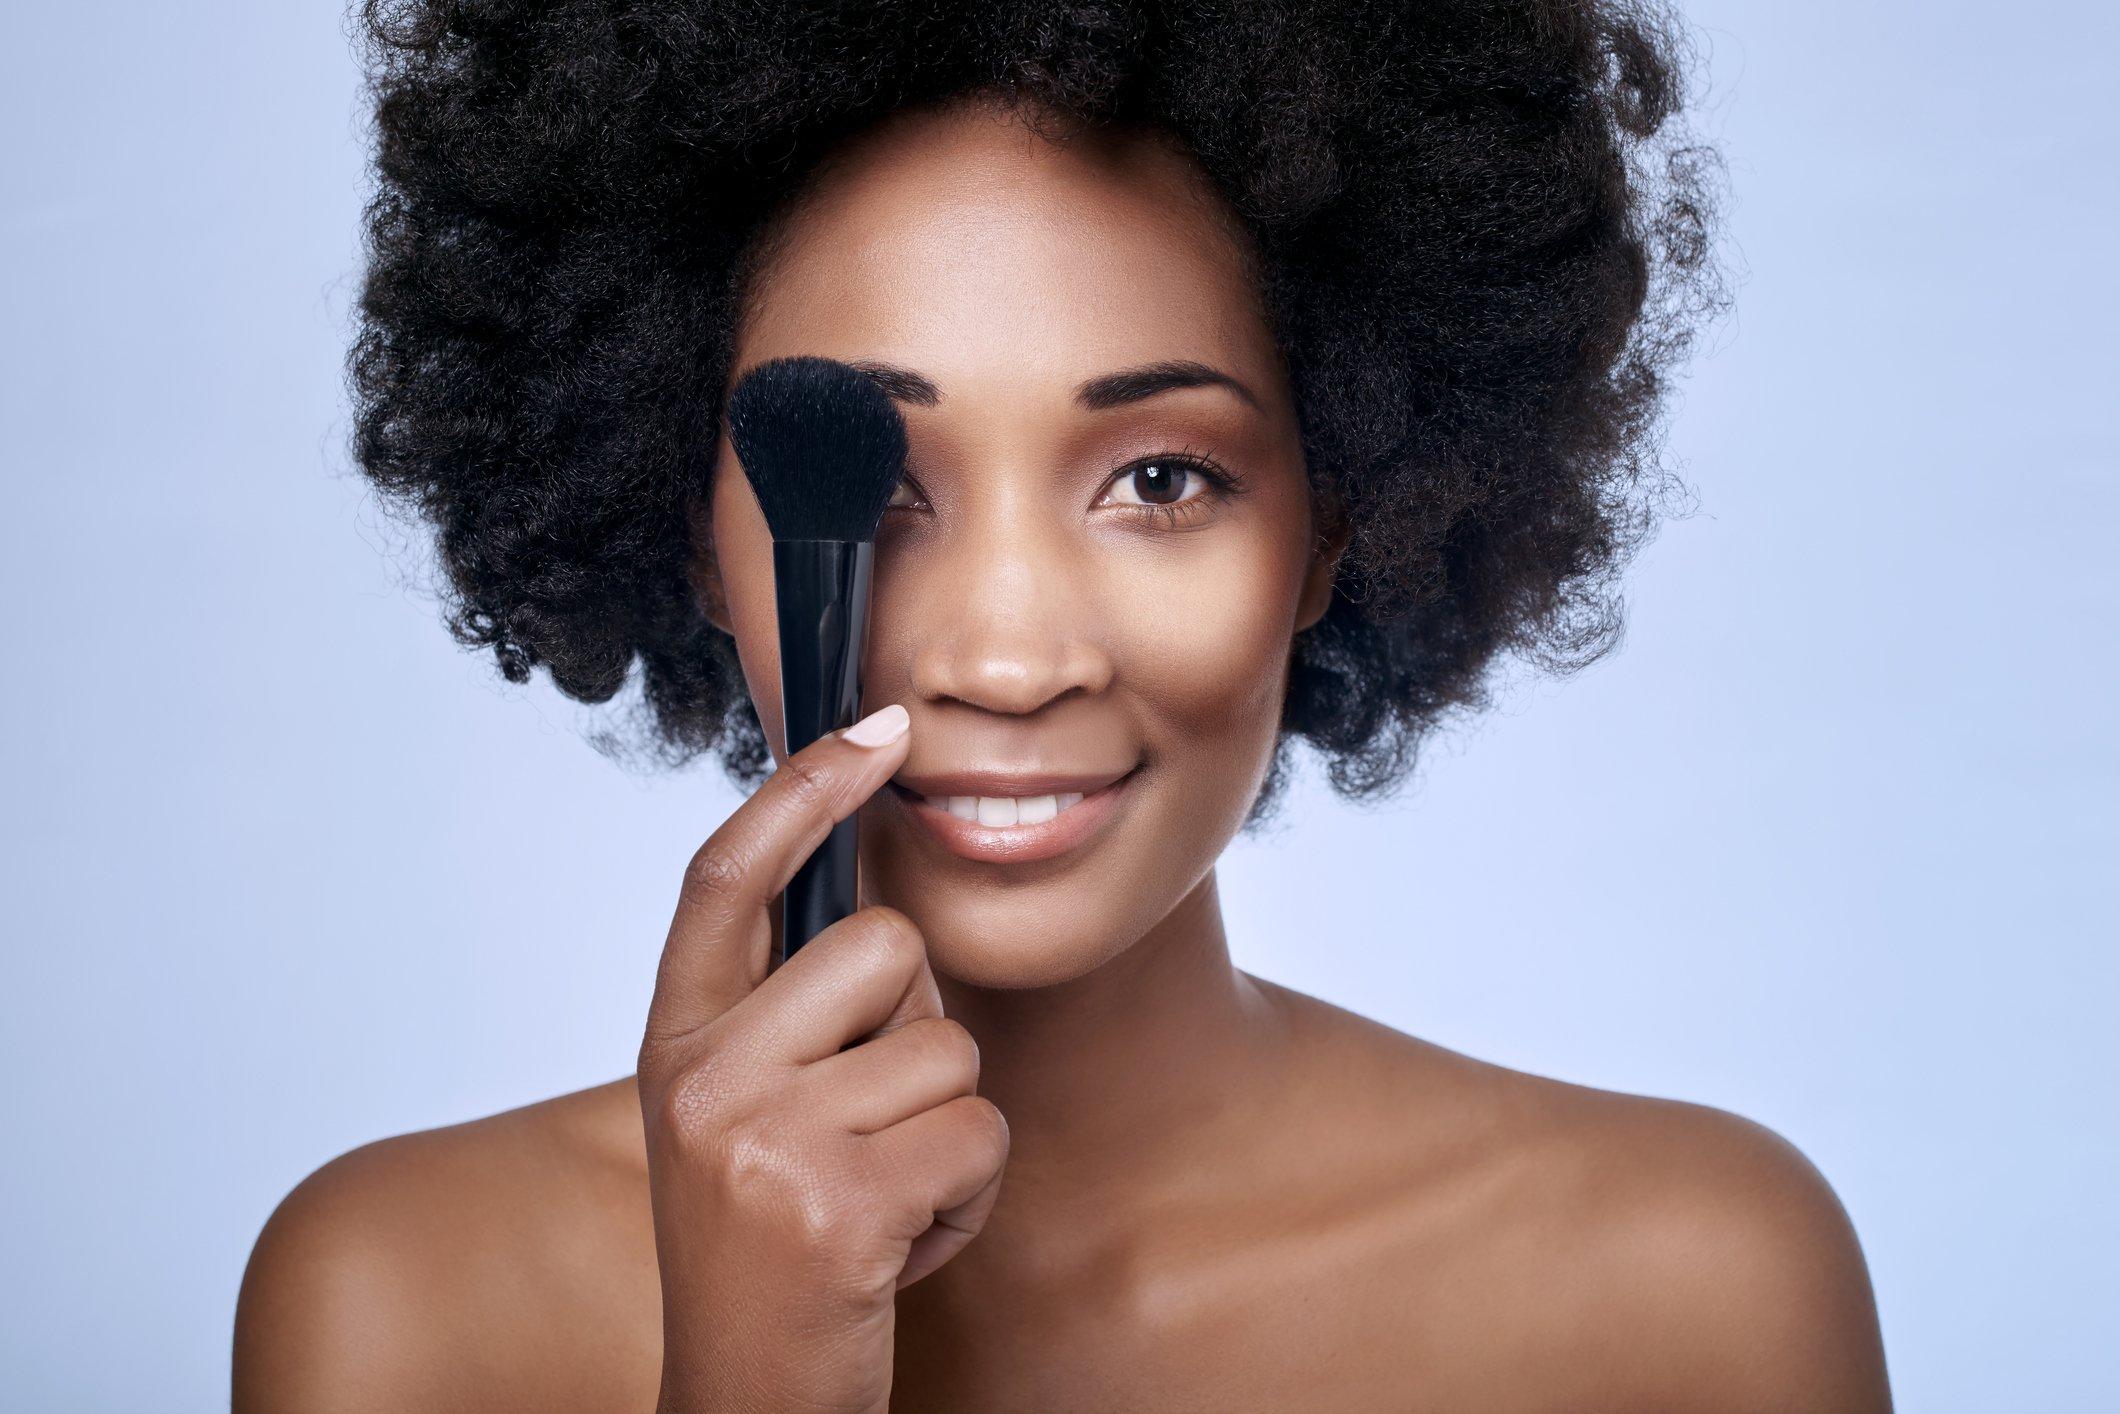 Maquiagem pele escura